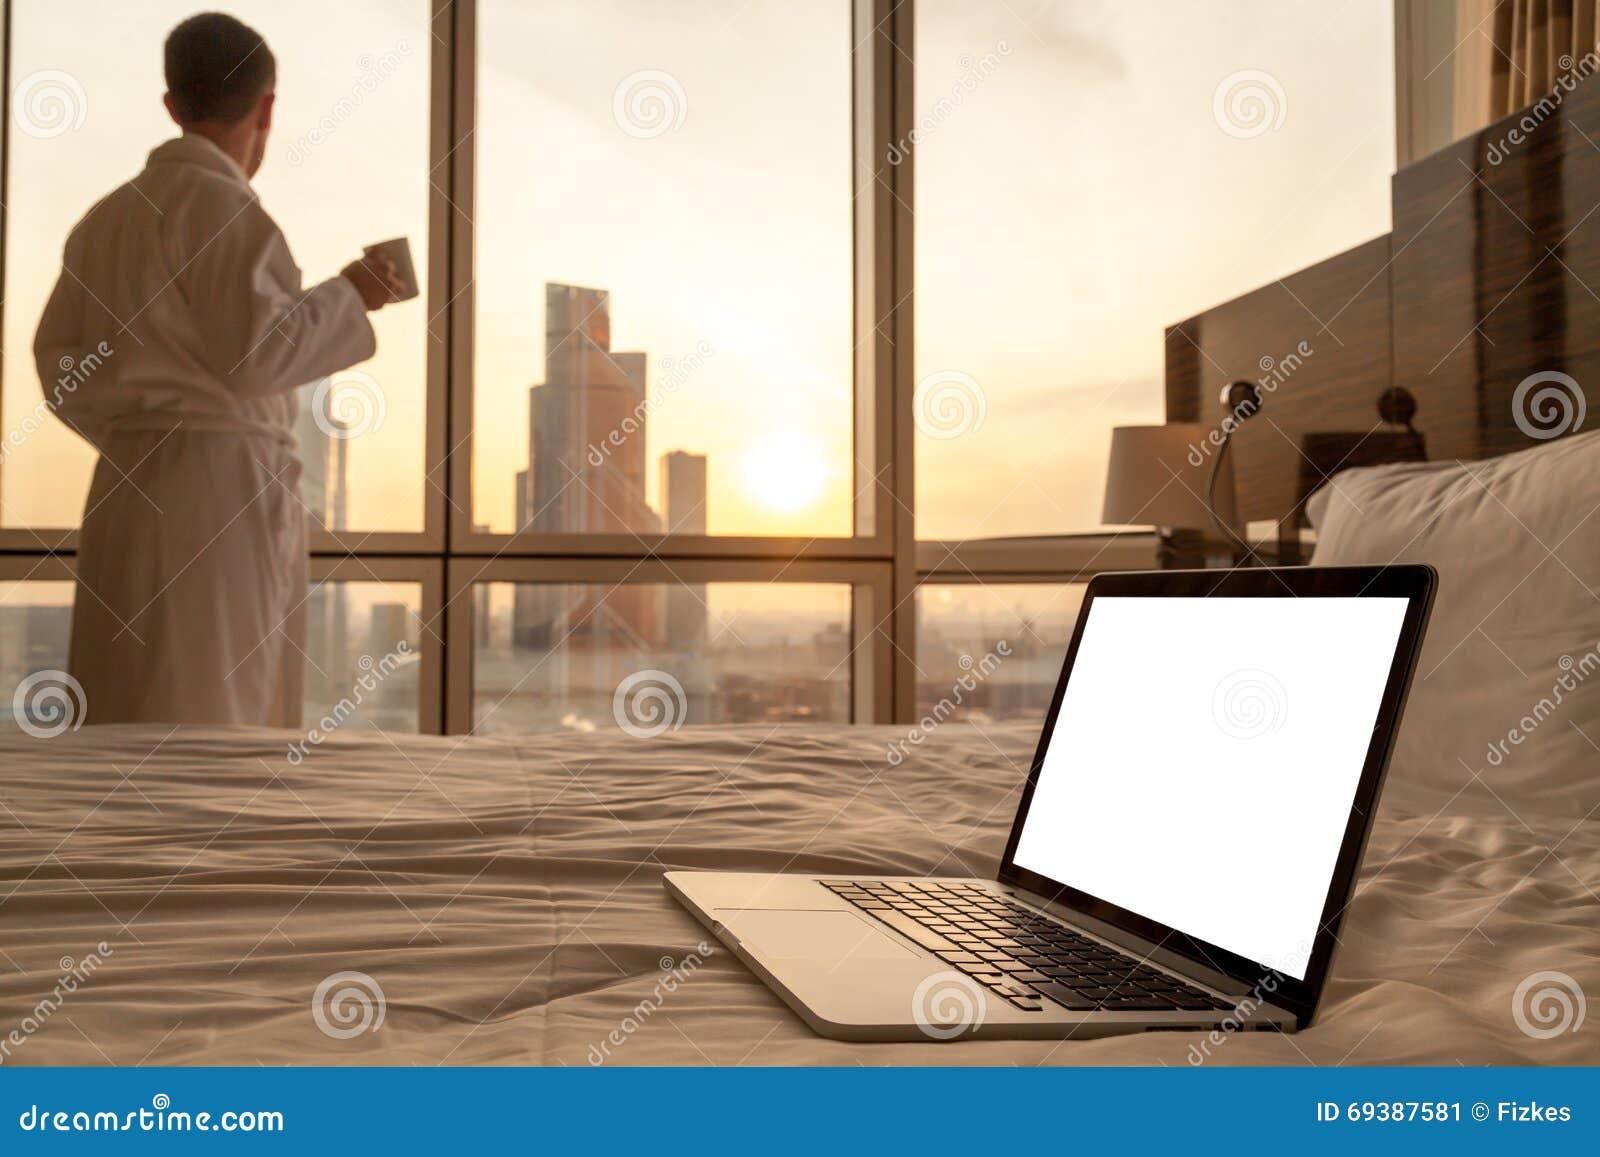 Copi il computer portatile dello spazio sul letto